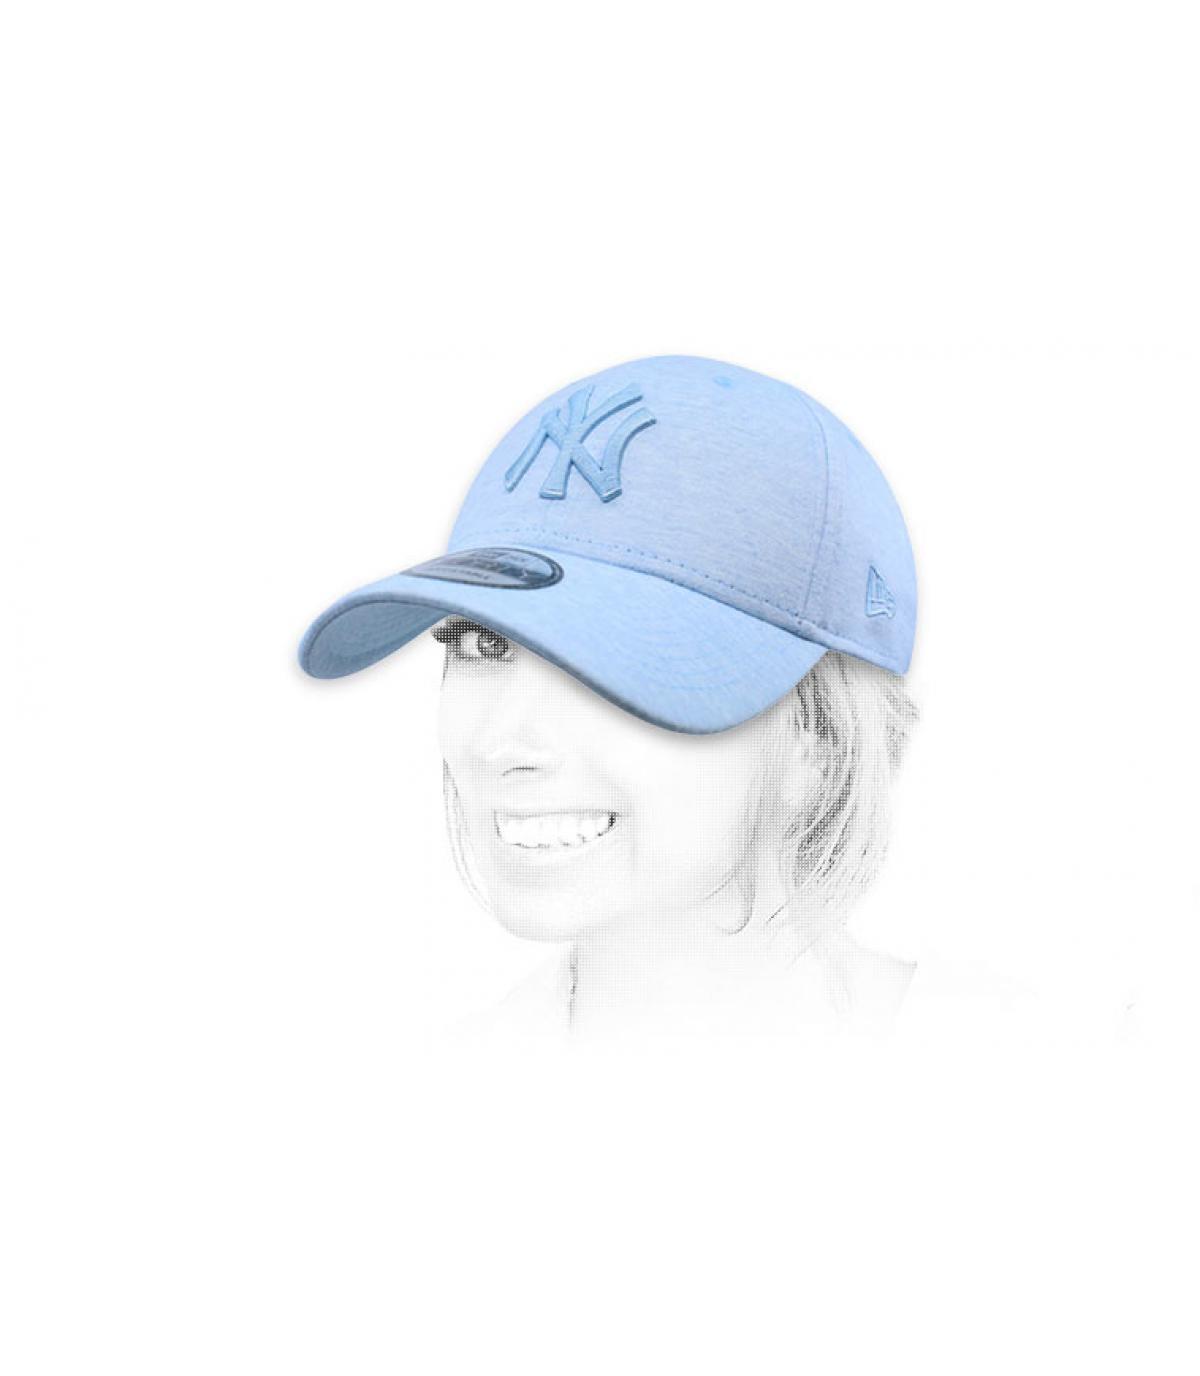 gorra NY azul claro